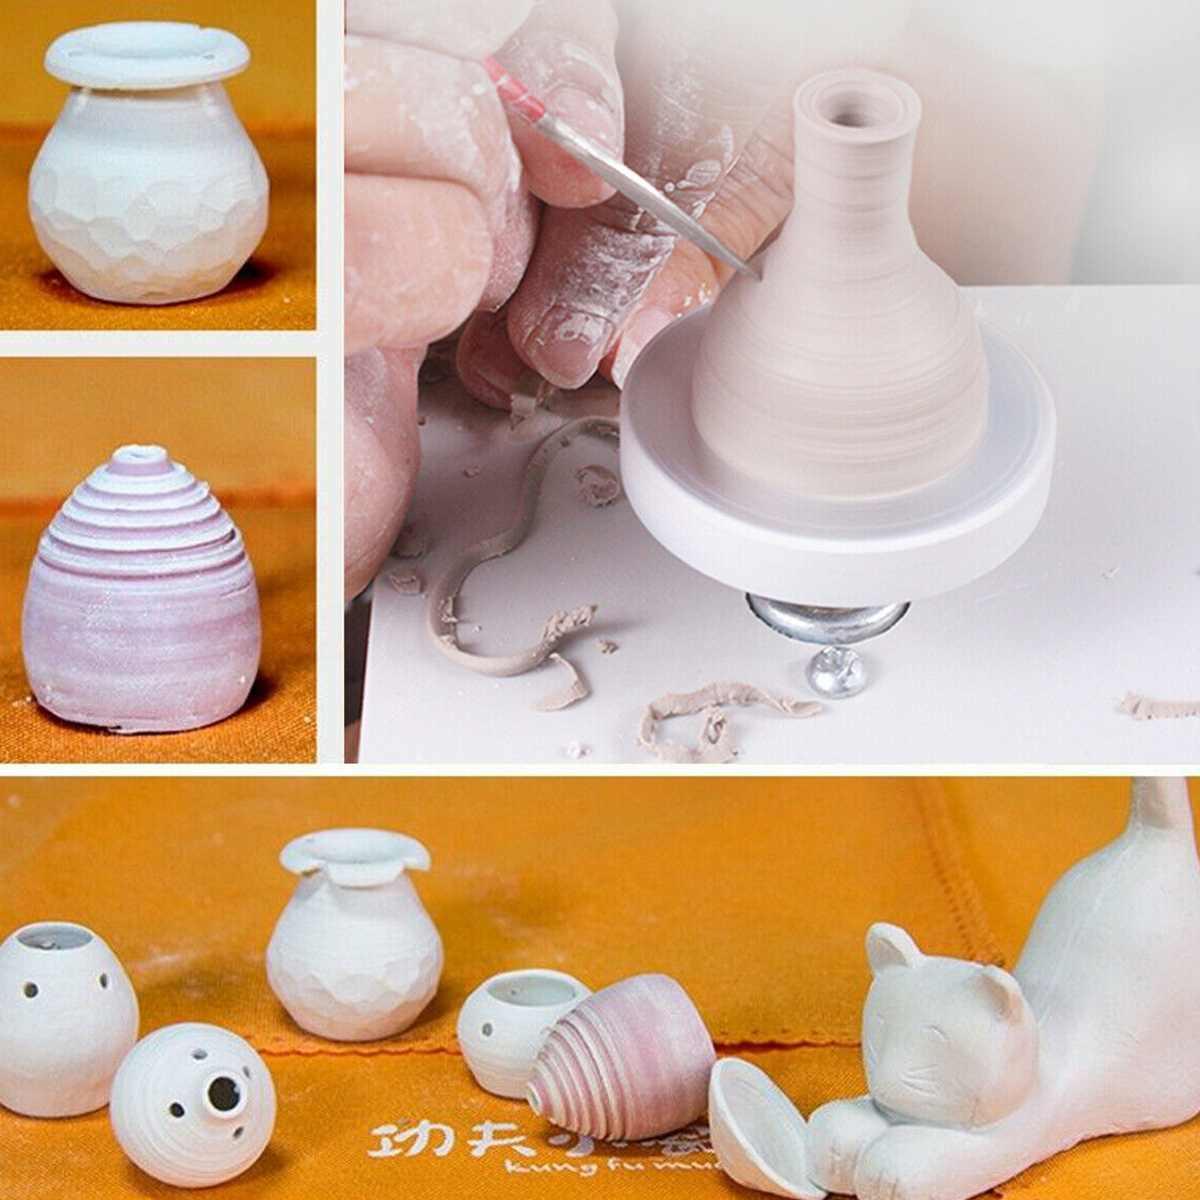 USB céramique Machine 5 V Mini poterie roue électrique pour argile Art travail artisanat bricolage contrôle manuel vitesse Stepless porté lisse